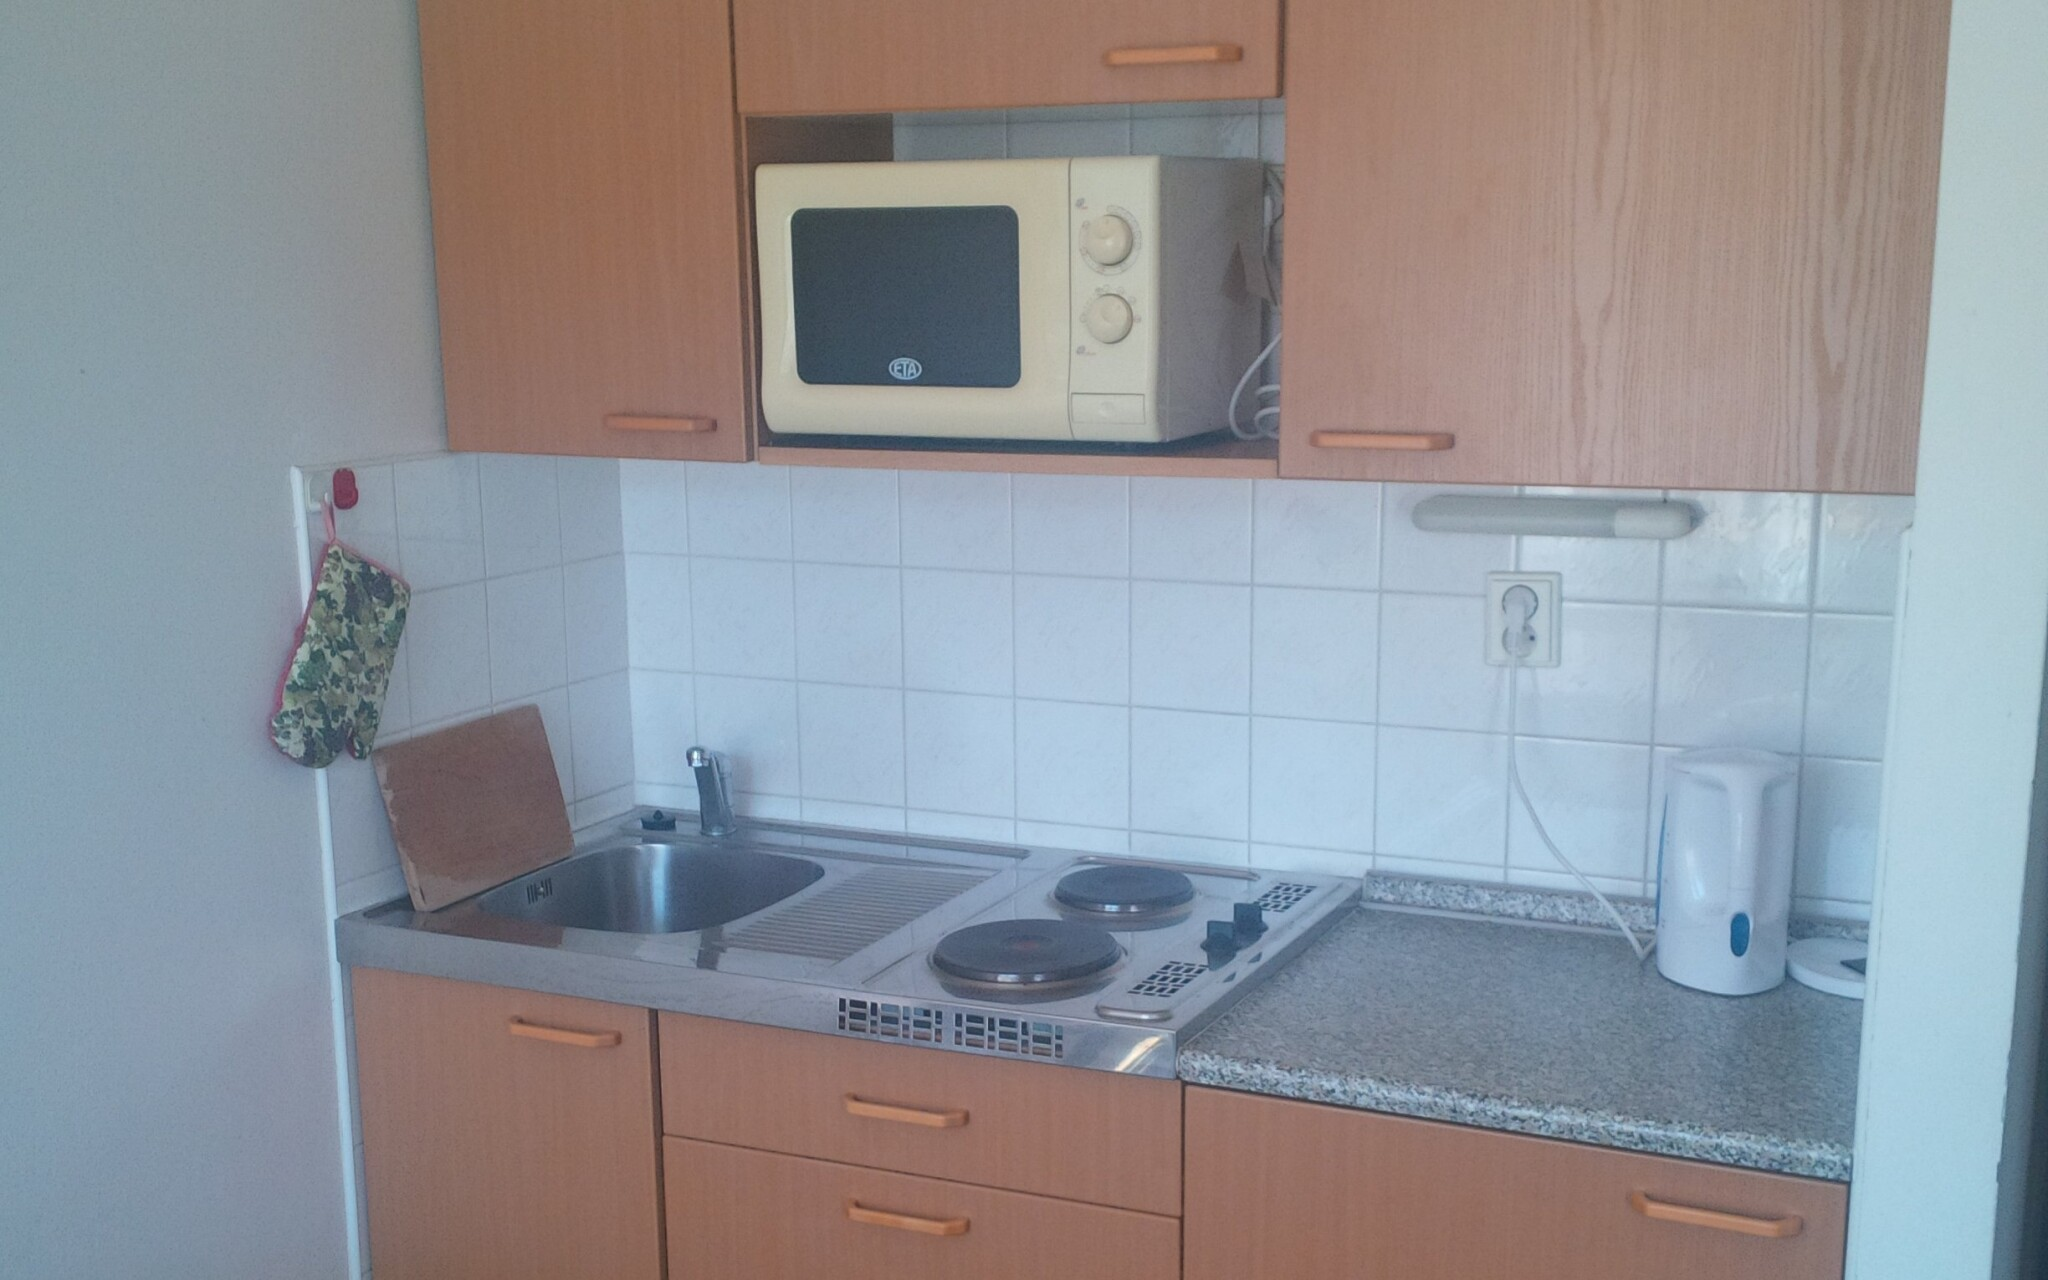 Kuchyňka je plně vybavená